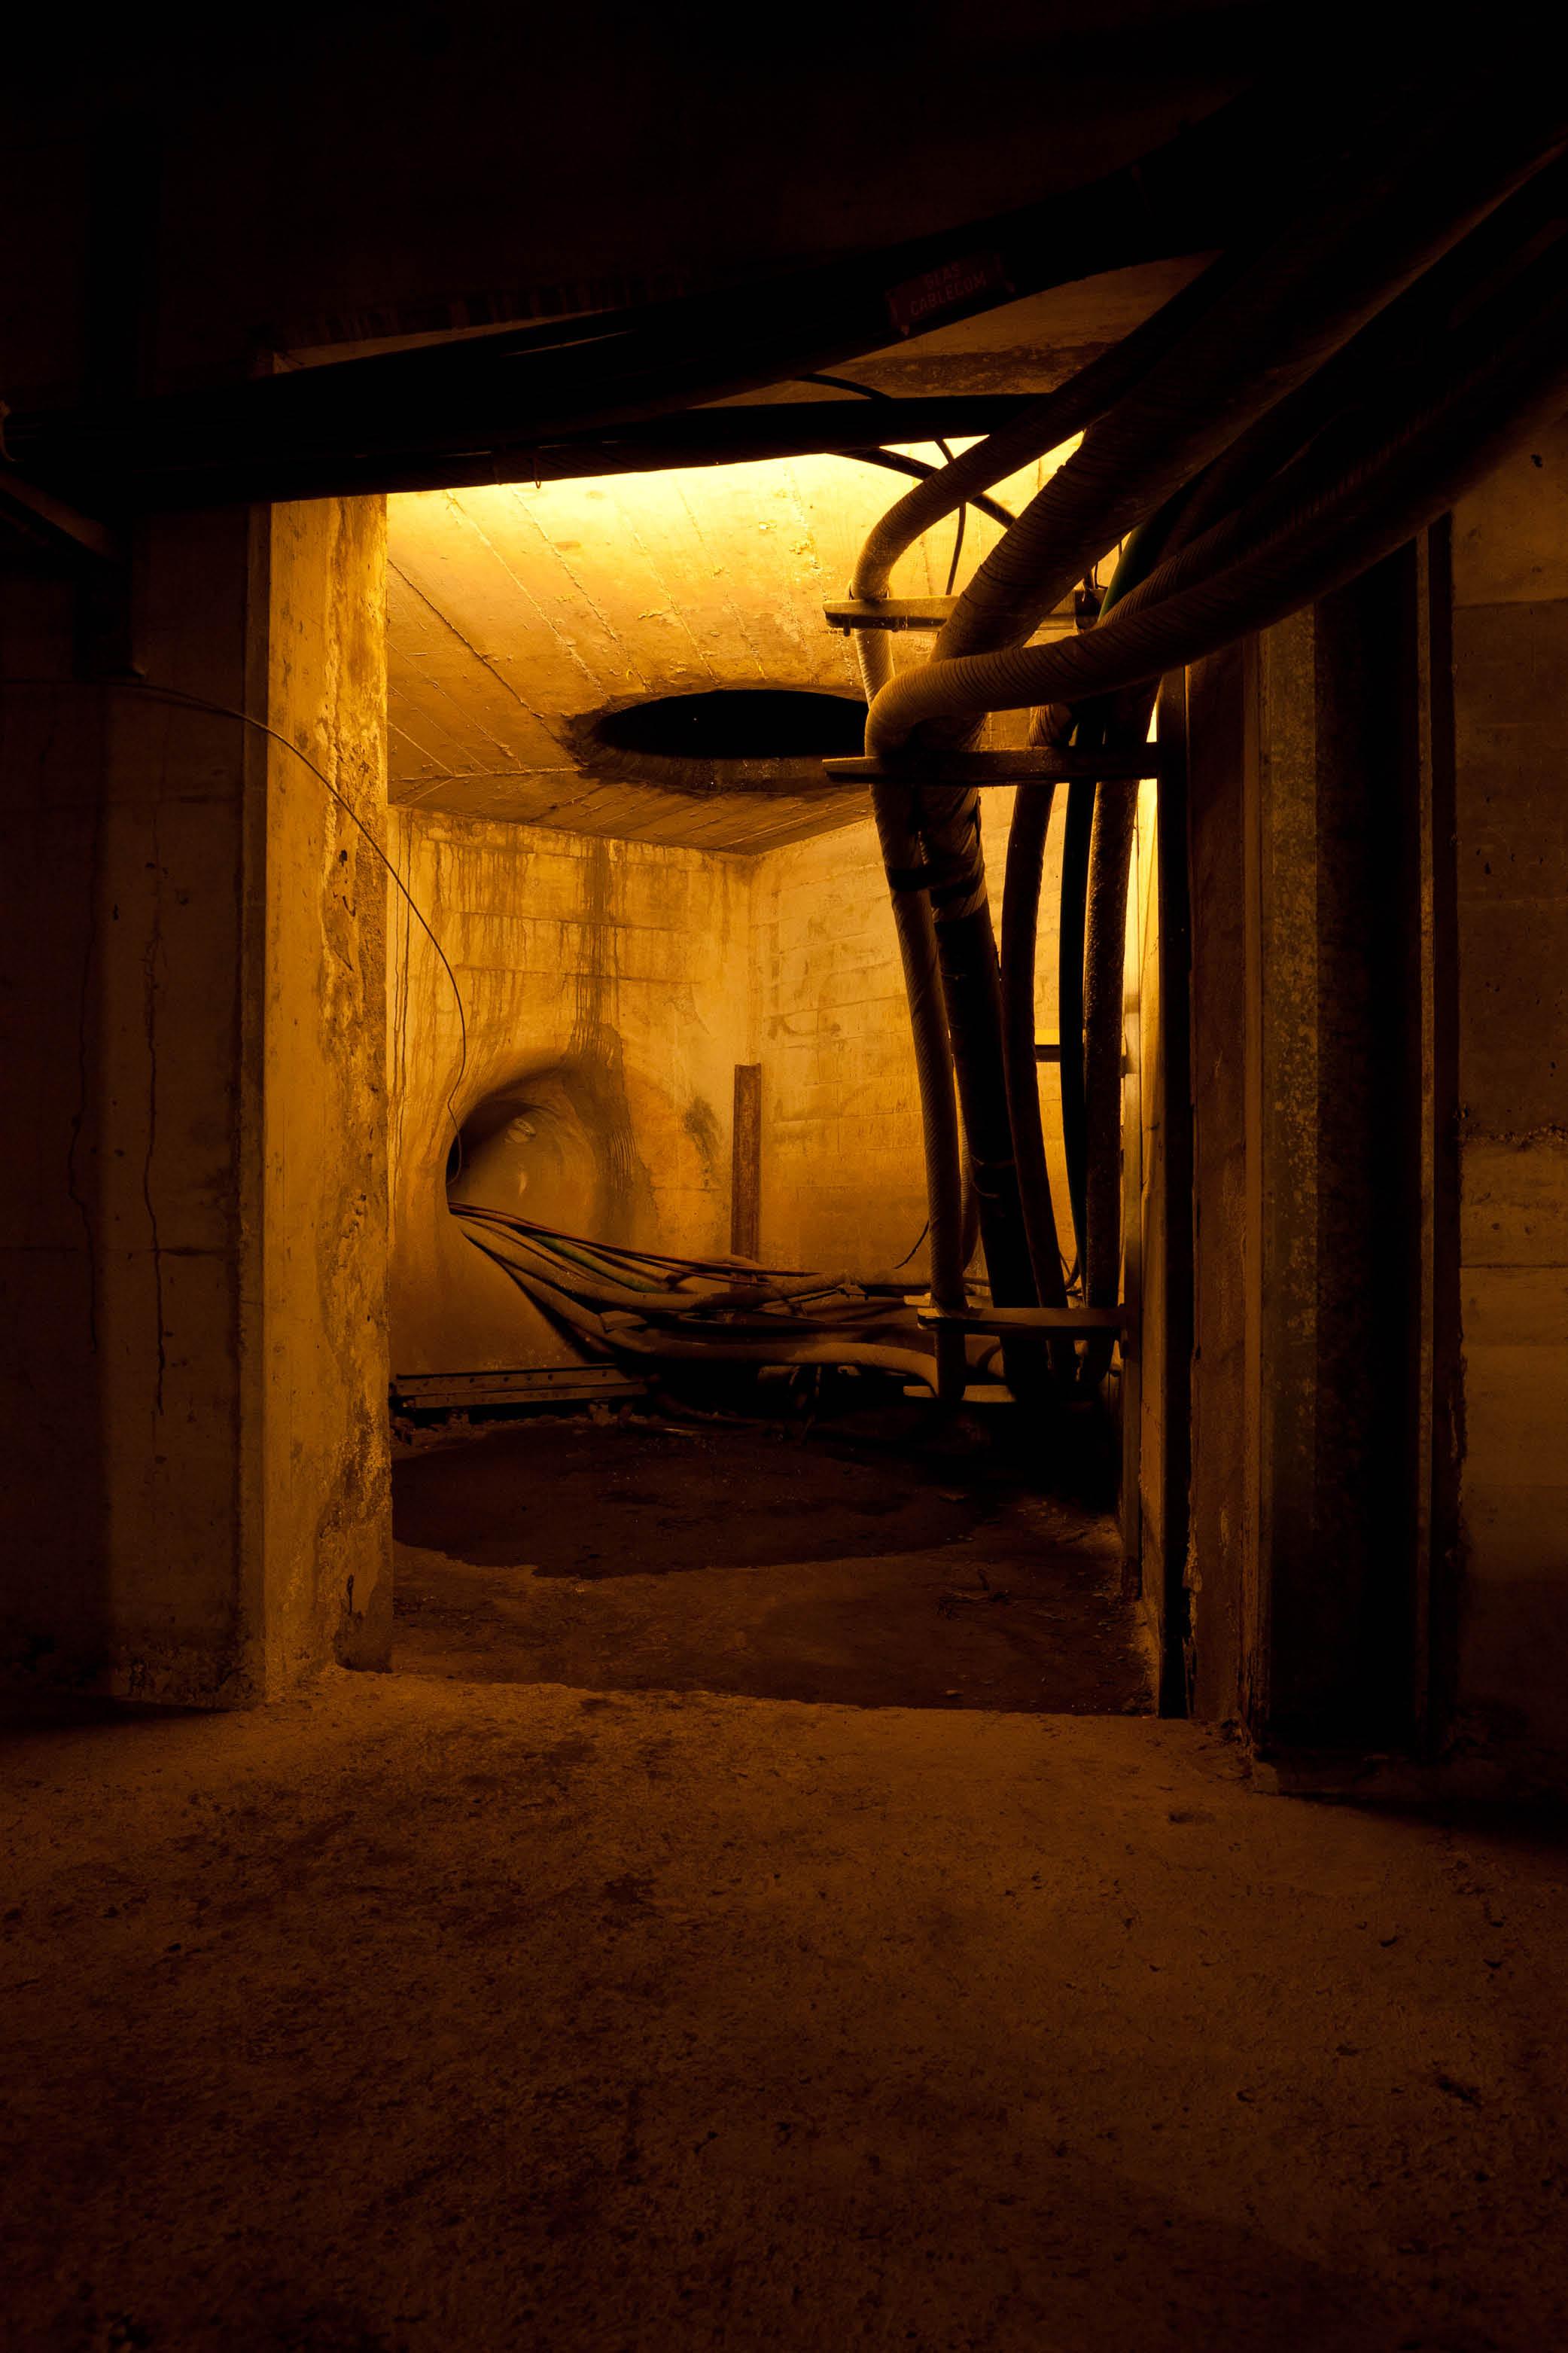 Warm beleuchteter Innenraum mit Rohren und Leitungen in der Lorrainebrücke